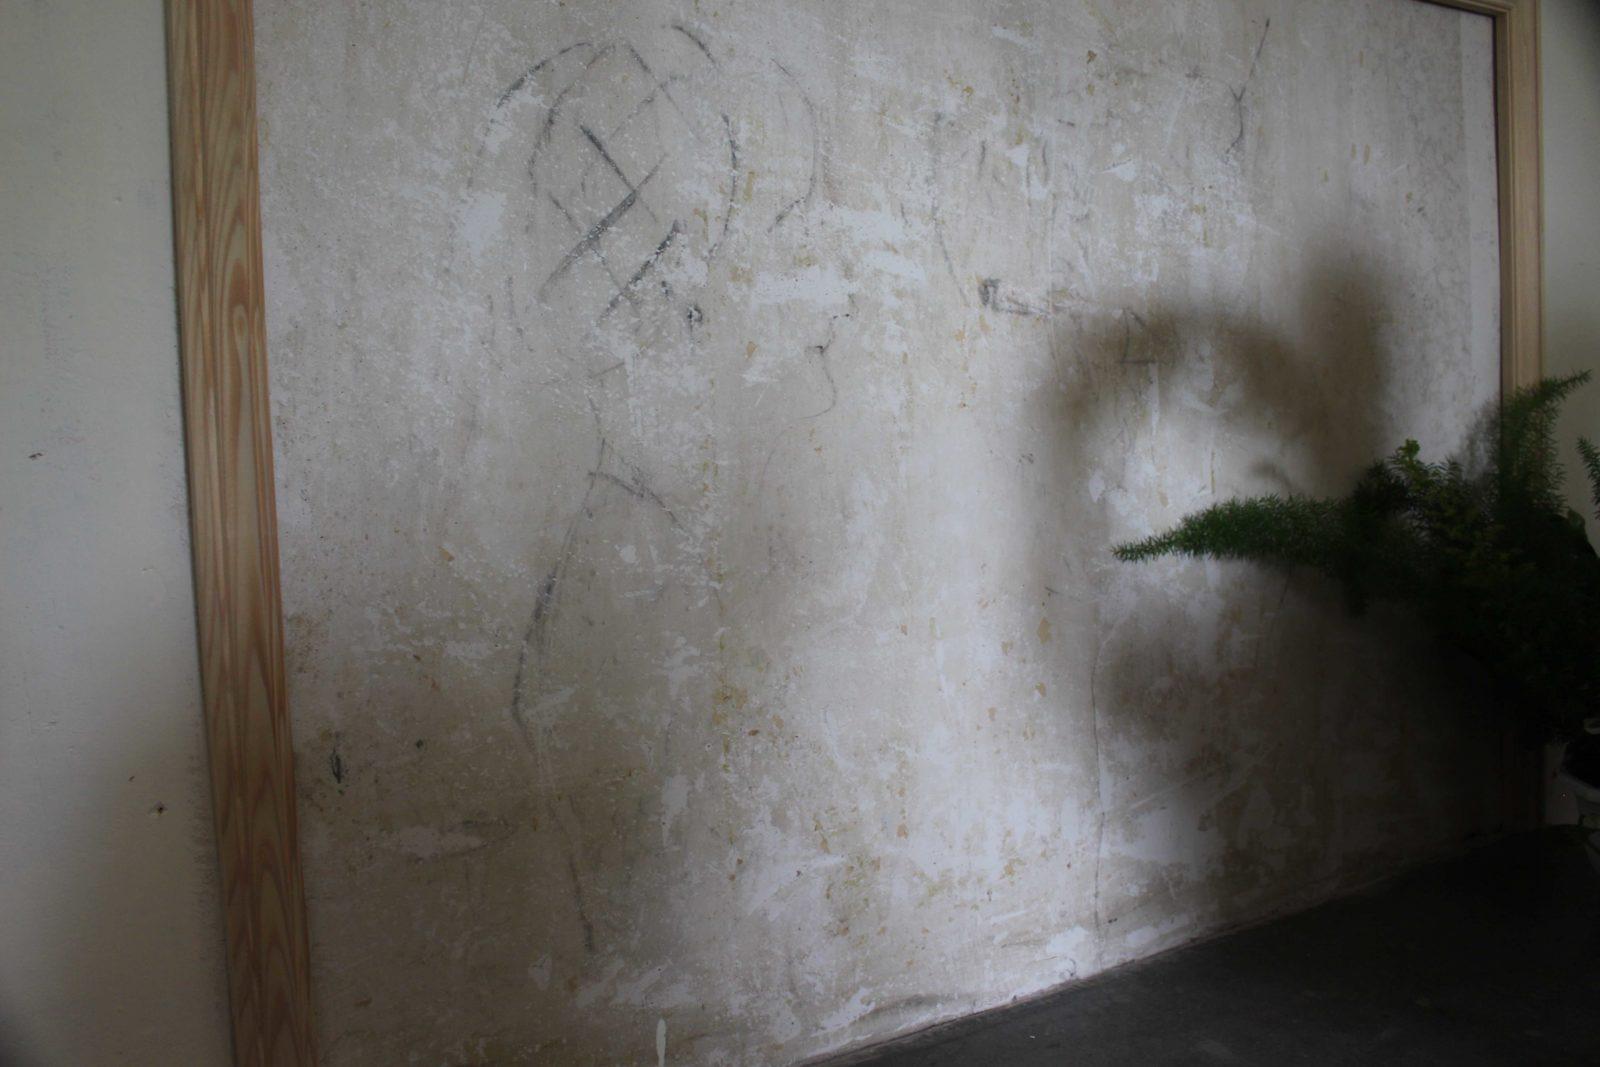 Monts-Boucons maison de Colette Besançon caricature sur le mur